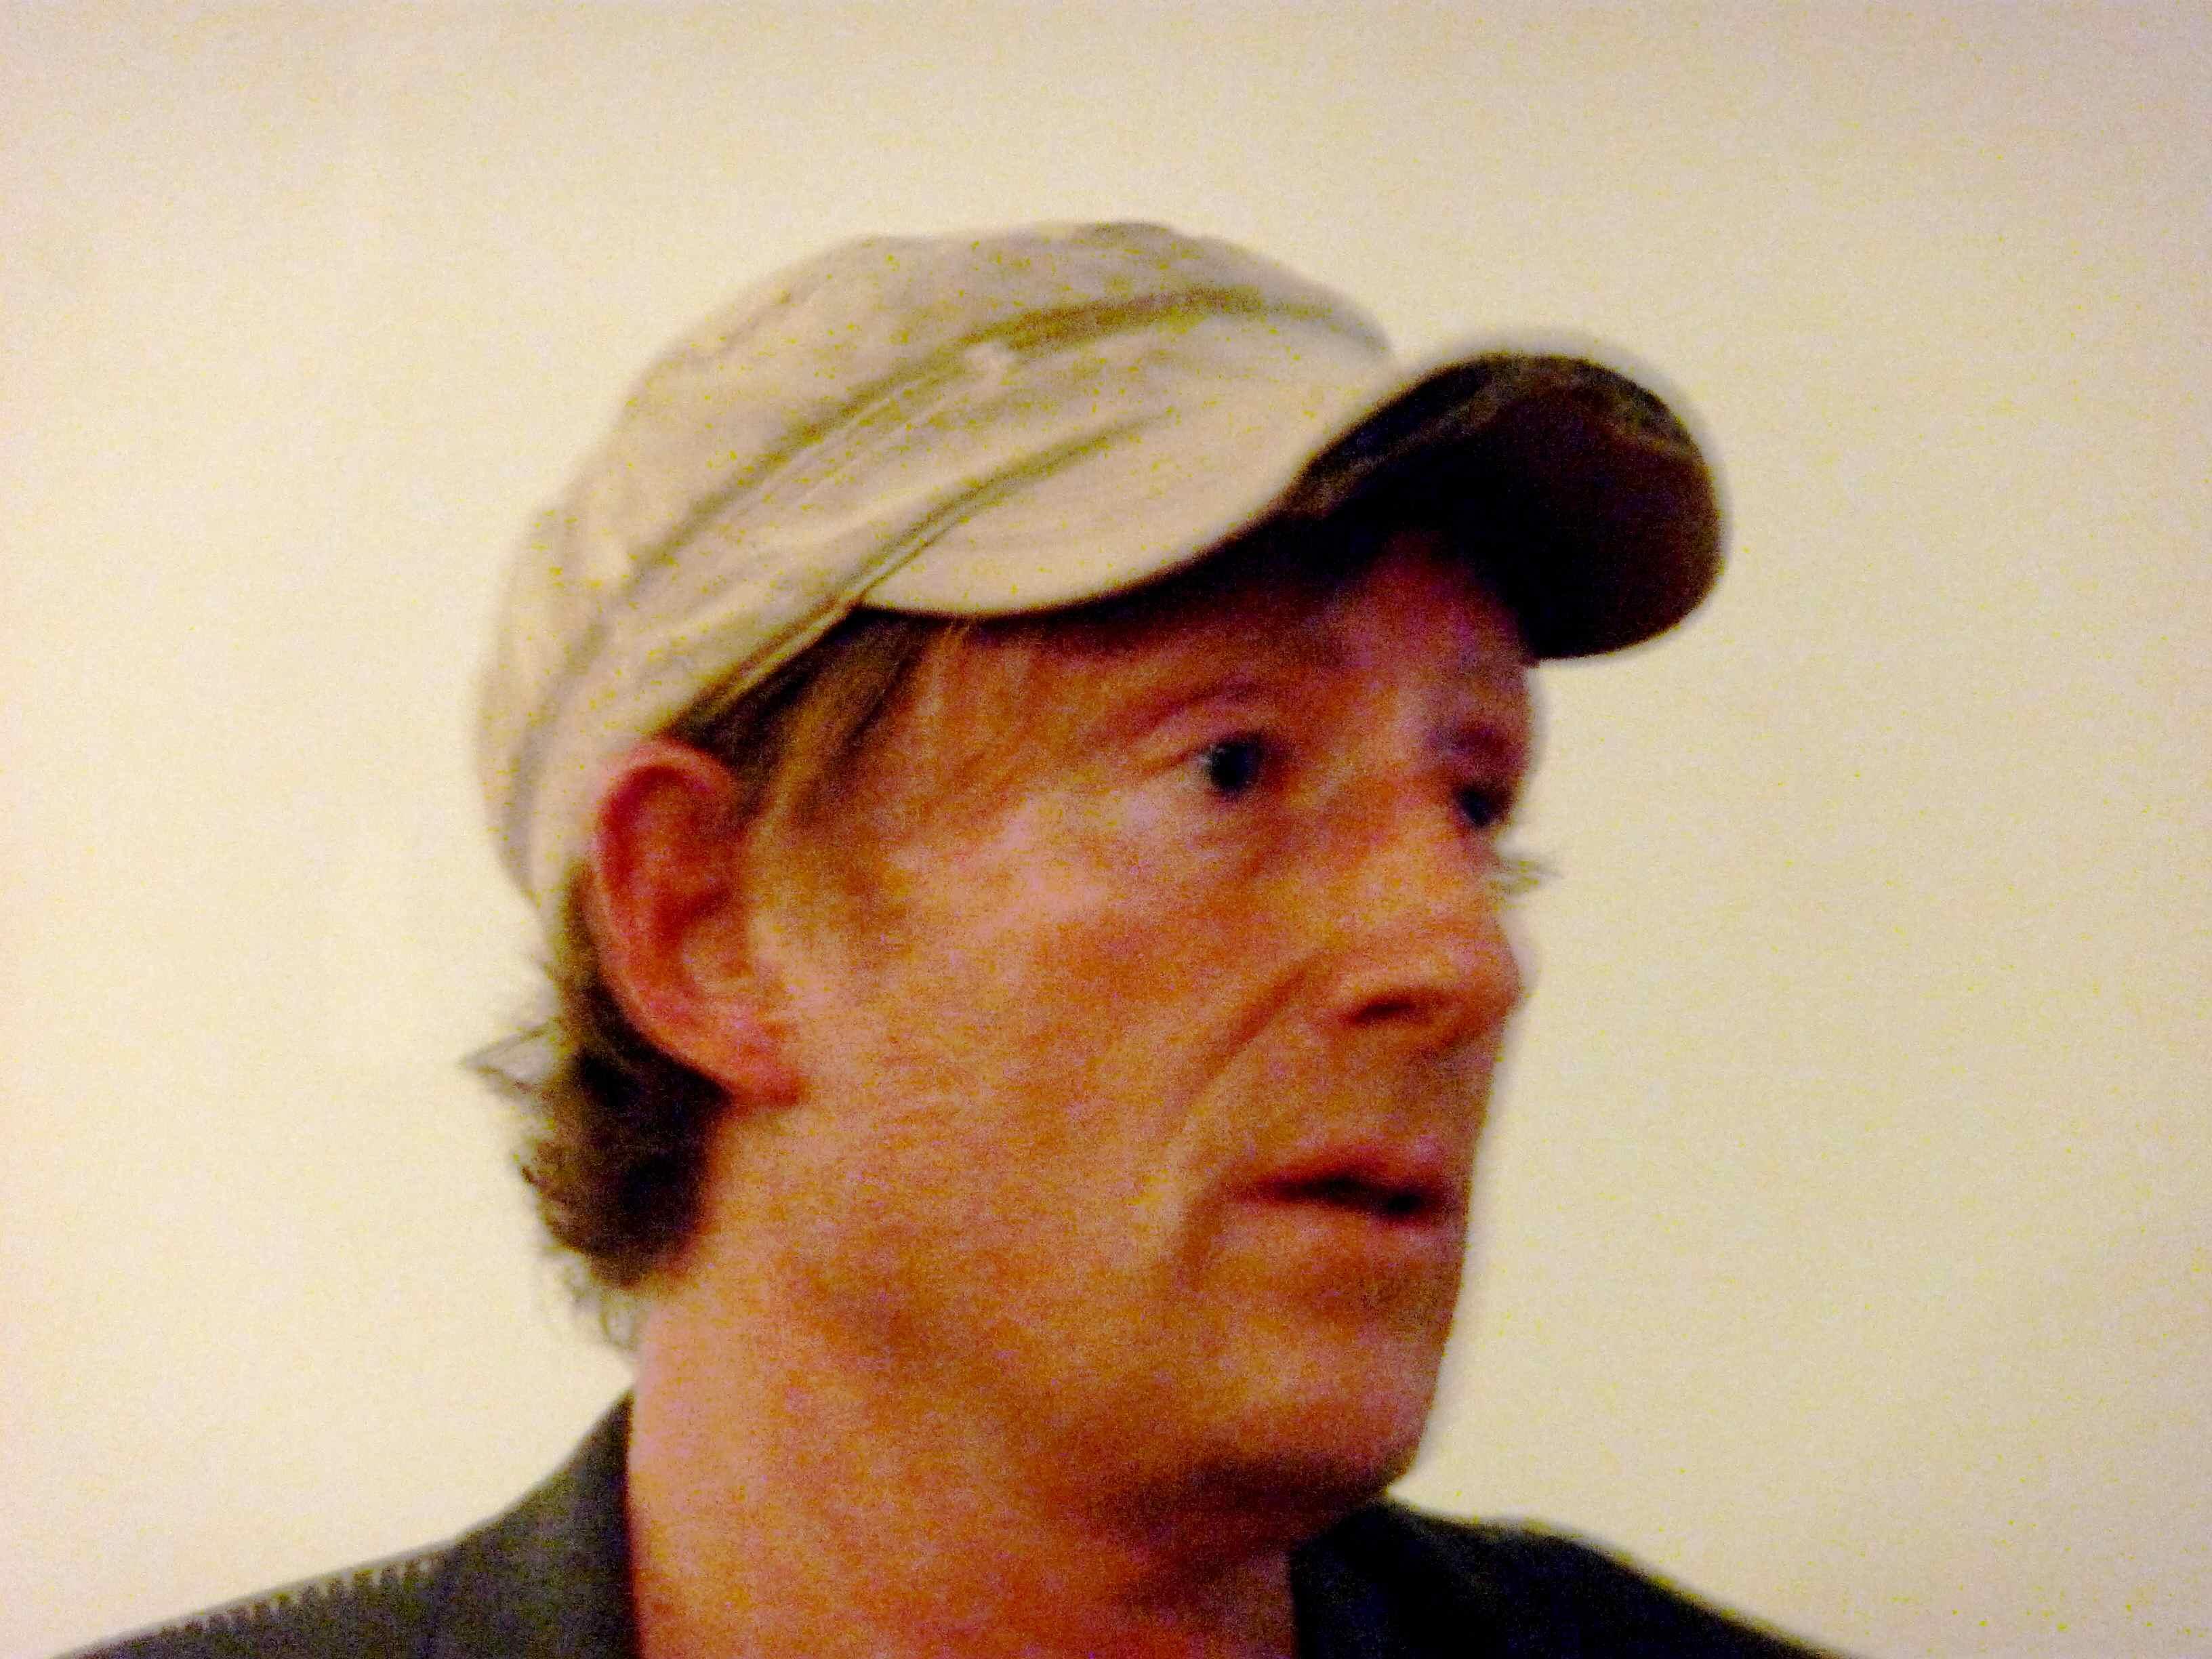 David speaking at Coco Republic